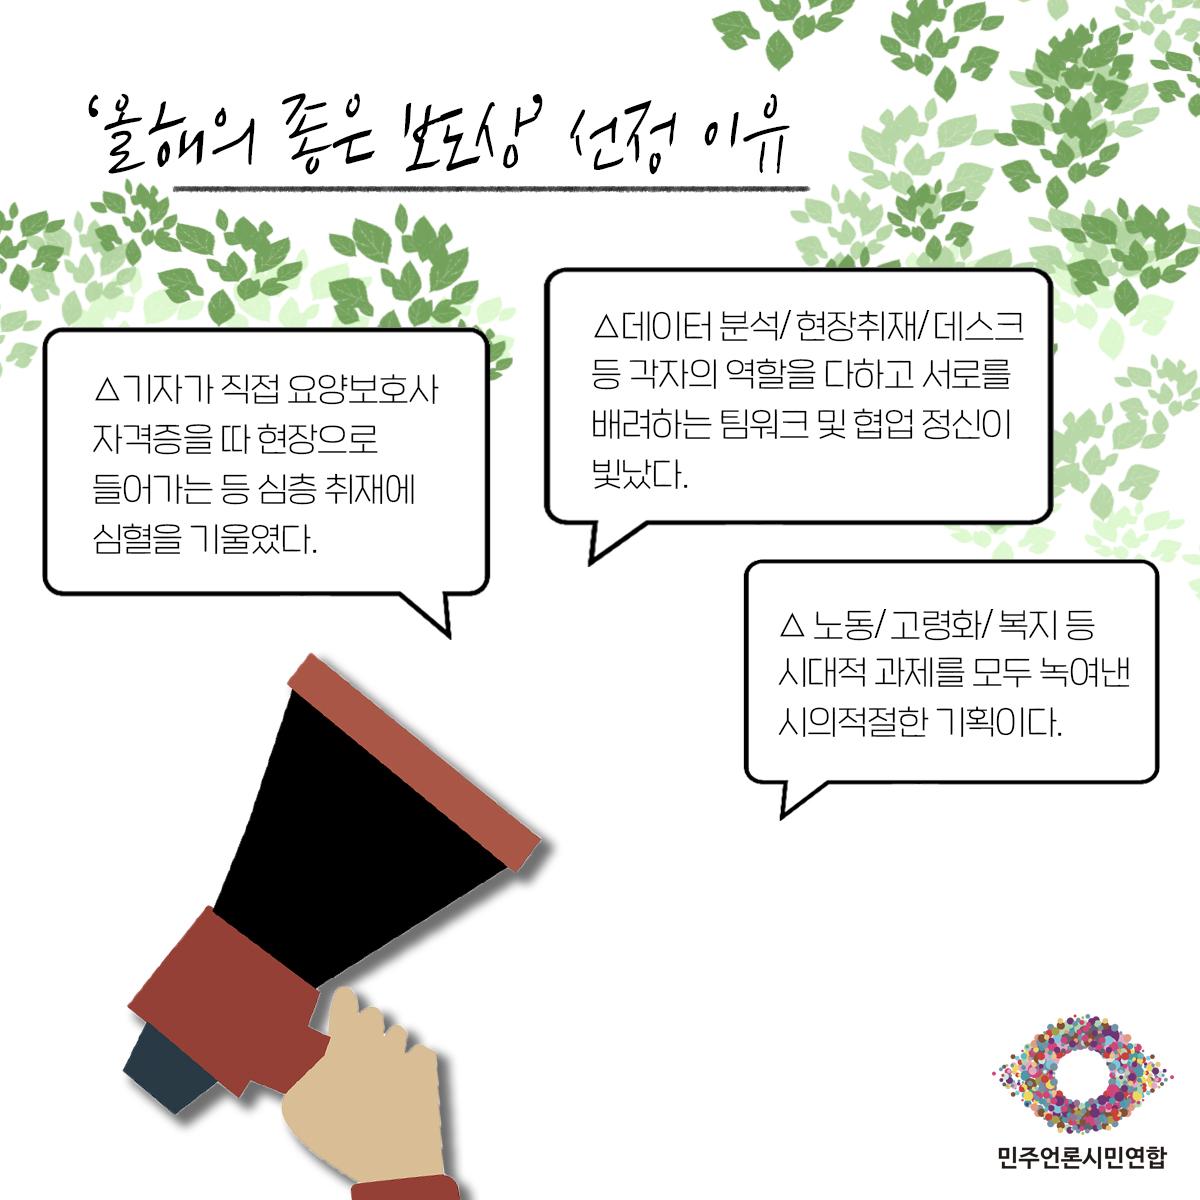 좋은보도상_한겨레_2.jpg